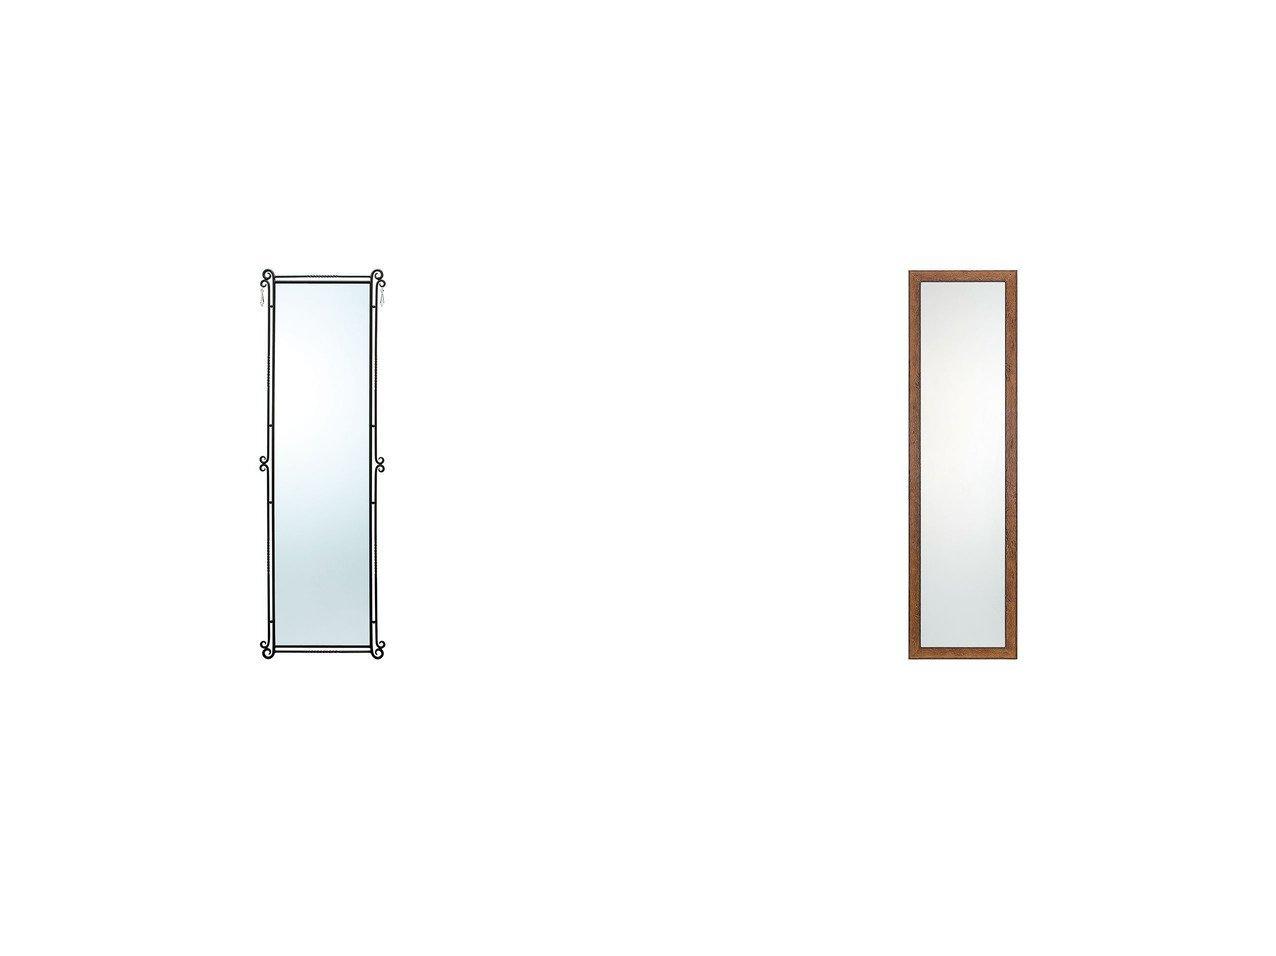 【FLYMEe vert/フライミー ヴェール】のウォールミラー m77311&【FLYMEe Blanc/フライミー ブラン】のウォールミラー m77223 【FURNITURE】おすすめ!人気、インテリア雑貨・家具の通販 おすすめで人気の流行・トレンド、ファッションの通販商品 インテリア・家具・メンズファッション・キッズファッション・レディースファッション・服の通販 founy(ファニー) https://founy.com/ 送料無料 Free Shipping スタンド シンプル ダメージ フォルム フレーム ヴィンテージ ホーム・キャンプ・アウトドア Home,Garden,Outdoor,Camping Gear 家具・インテリア Furniture ミラー・ドレッサー Mirror ミラー・鏡 ホーム・キャンプ・アウトドア Home,Garden,Outdoor,Camping Gear 家具・インテリア Furniture ミラー・ドレッサー Mirror ドレッサー  ID:crp329100000055500